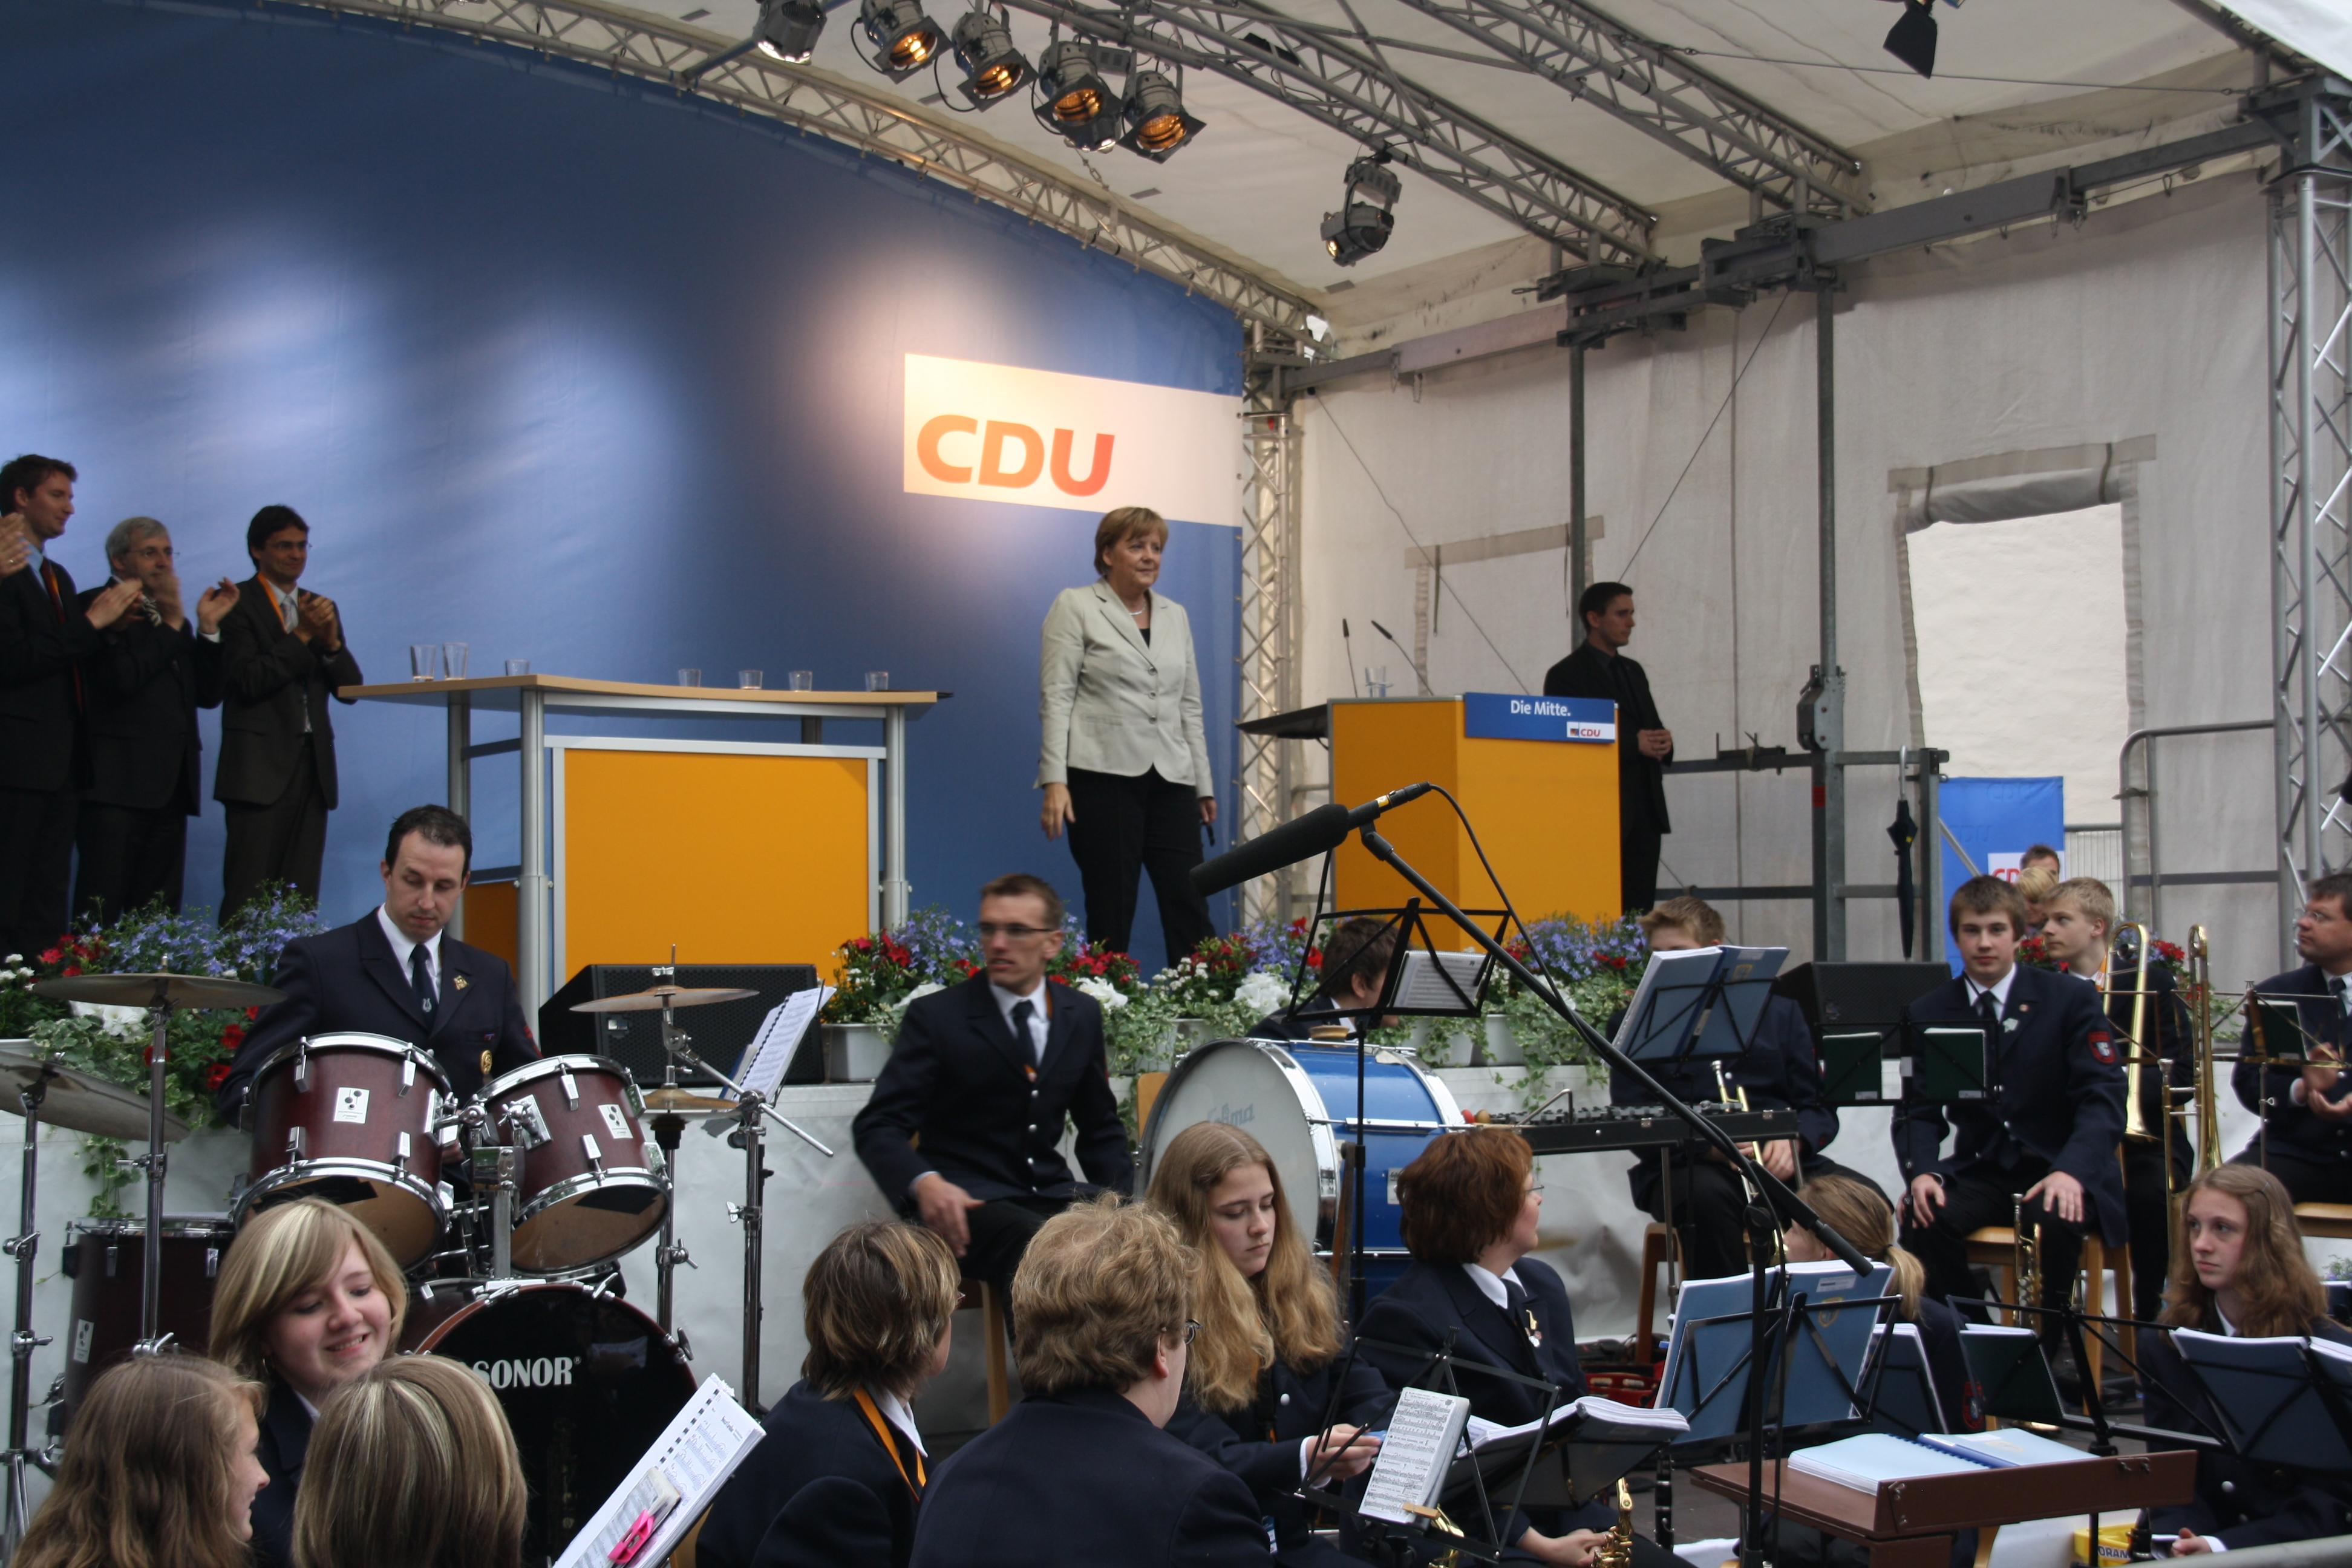 Angela Merkel in Meschede und wir machen Musik